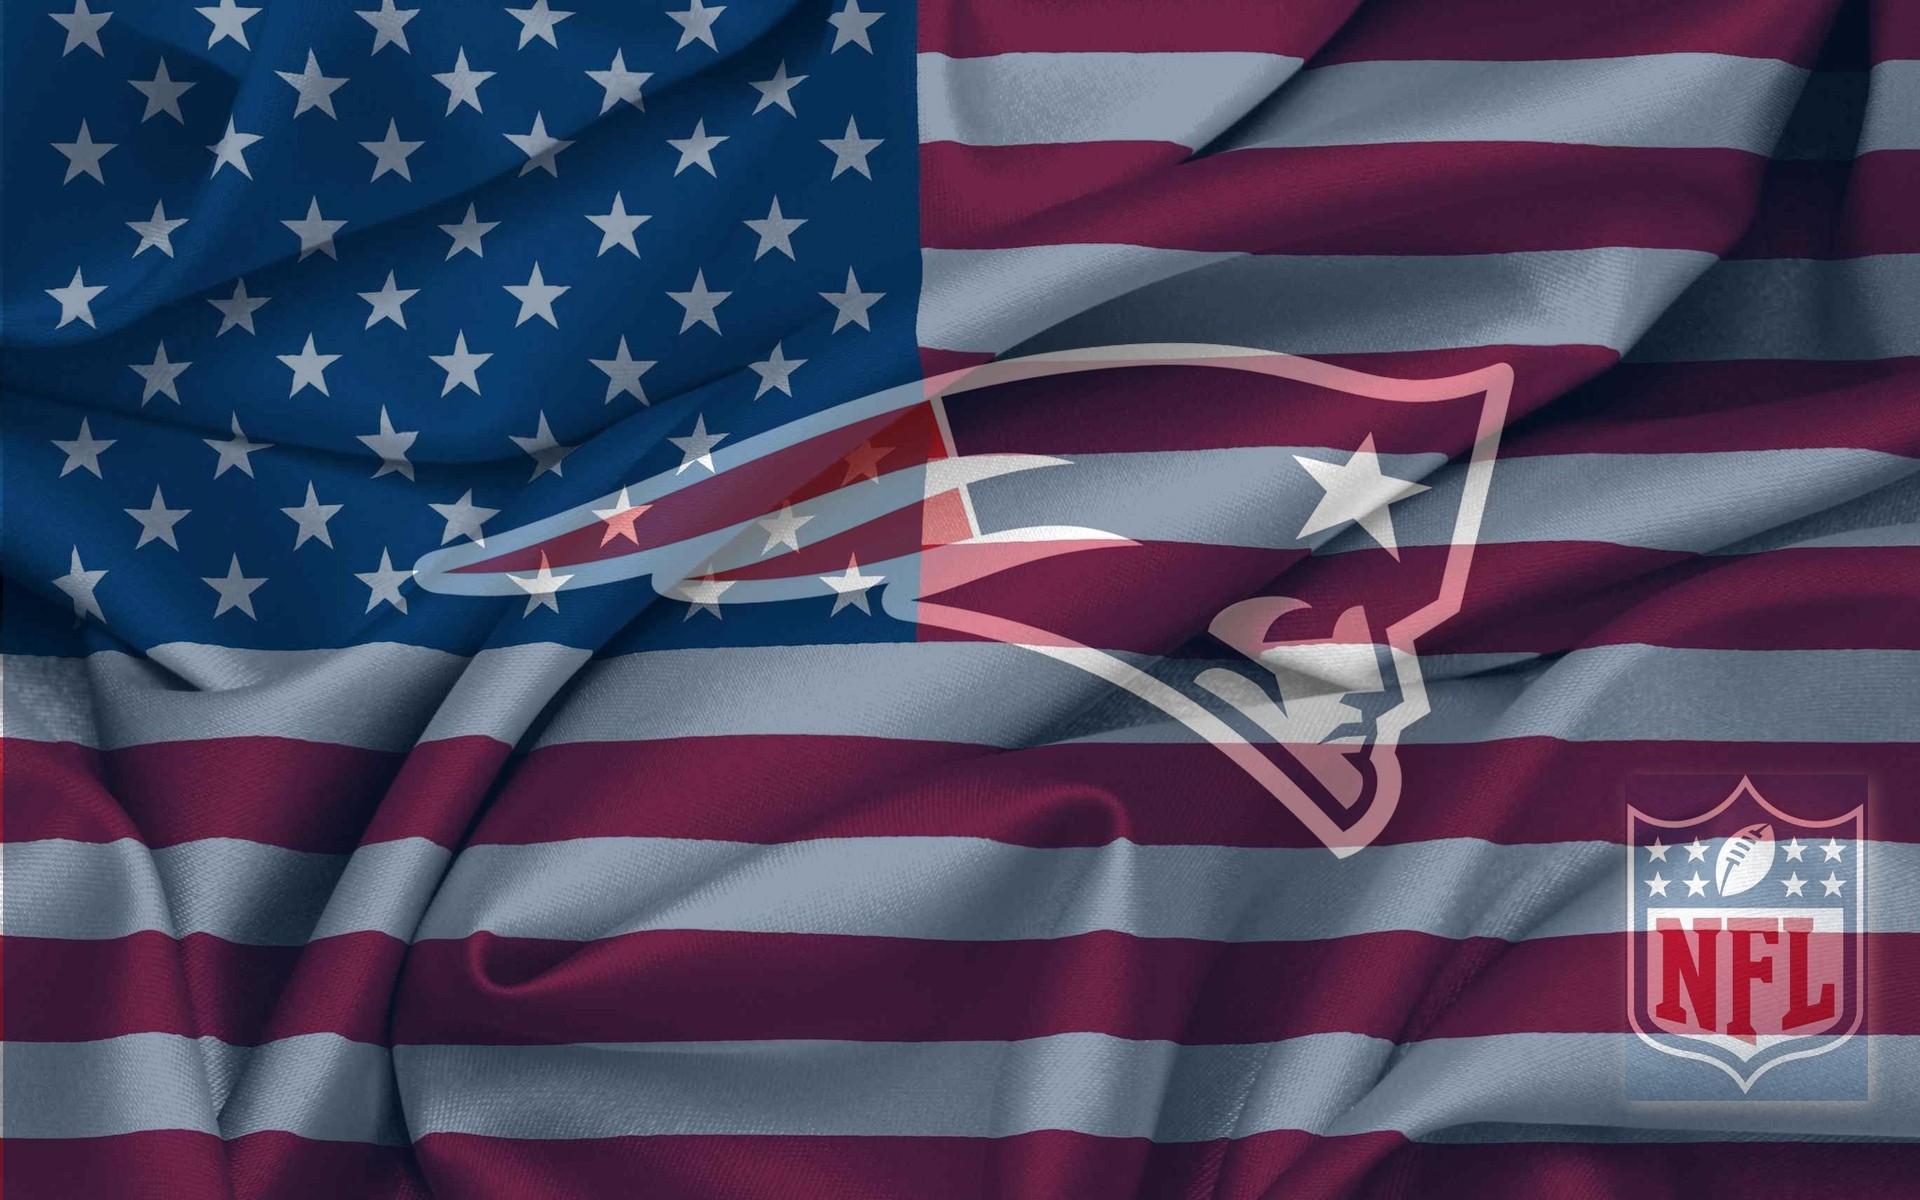 patriots england logo wallpaper 1920x1200 1920x1200